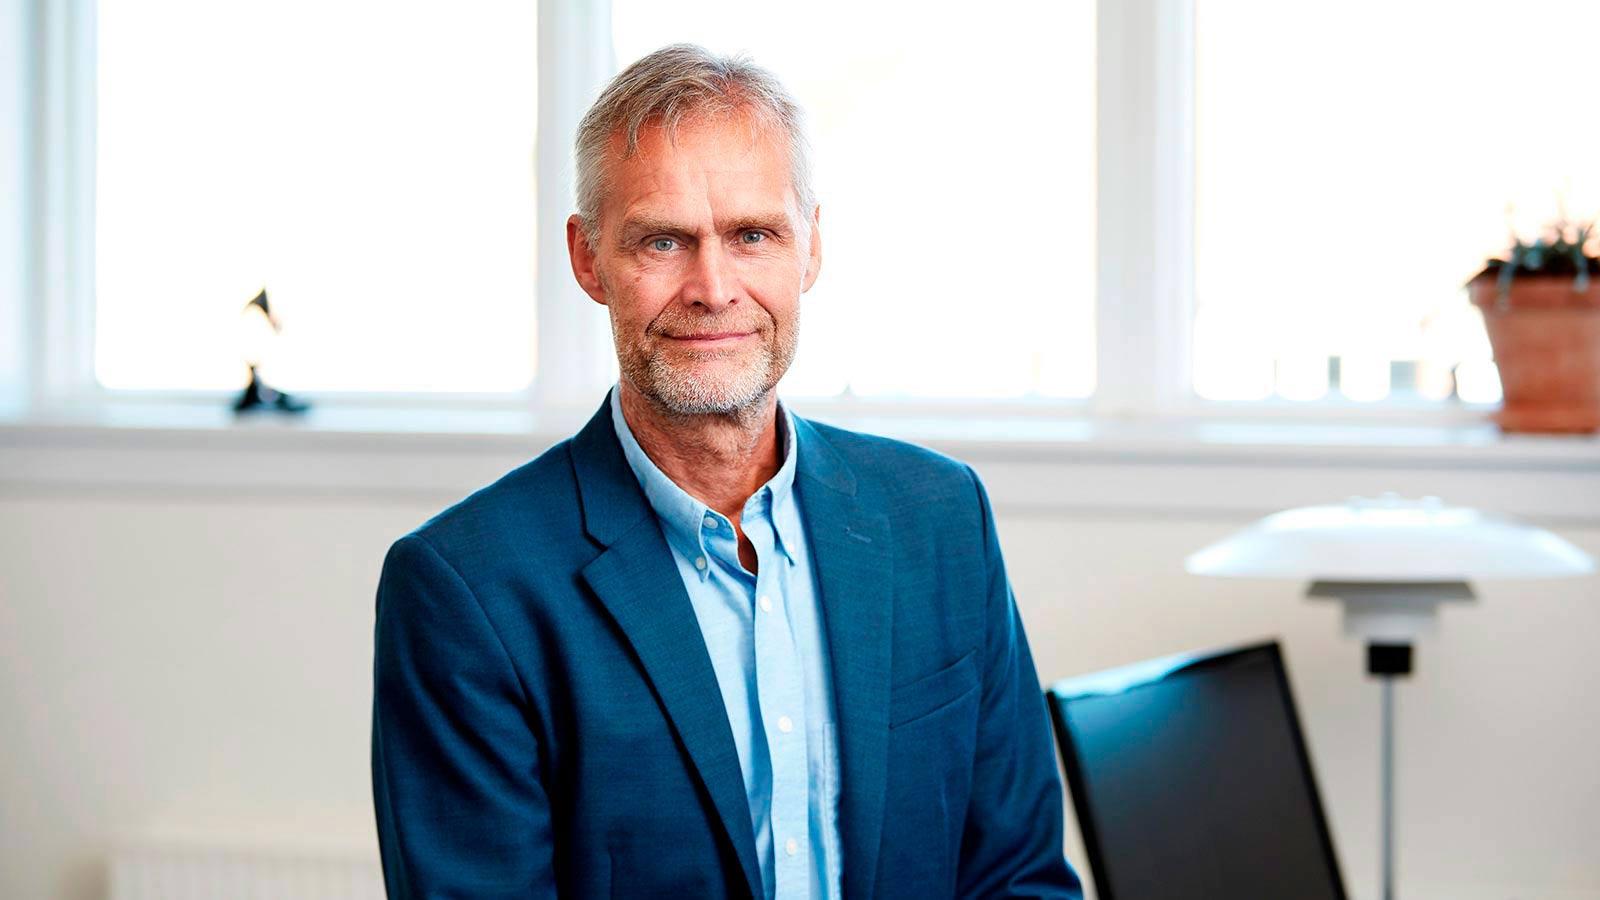 Ole Schou, de oprichter van Cryos